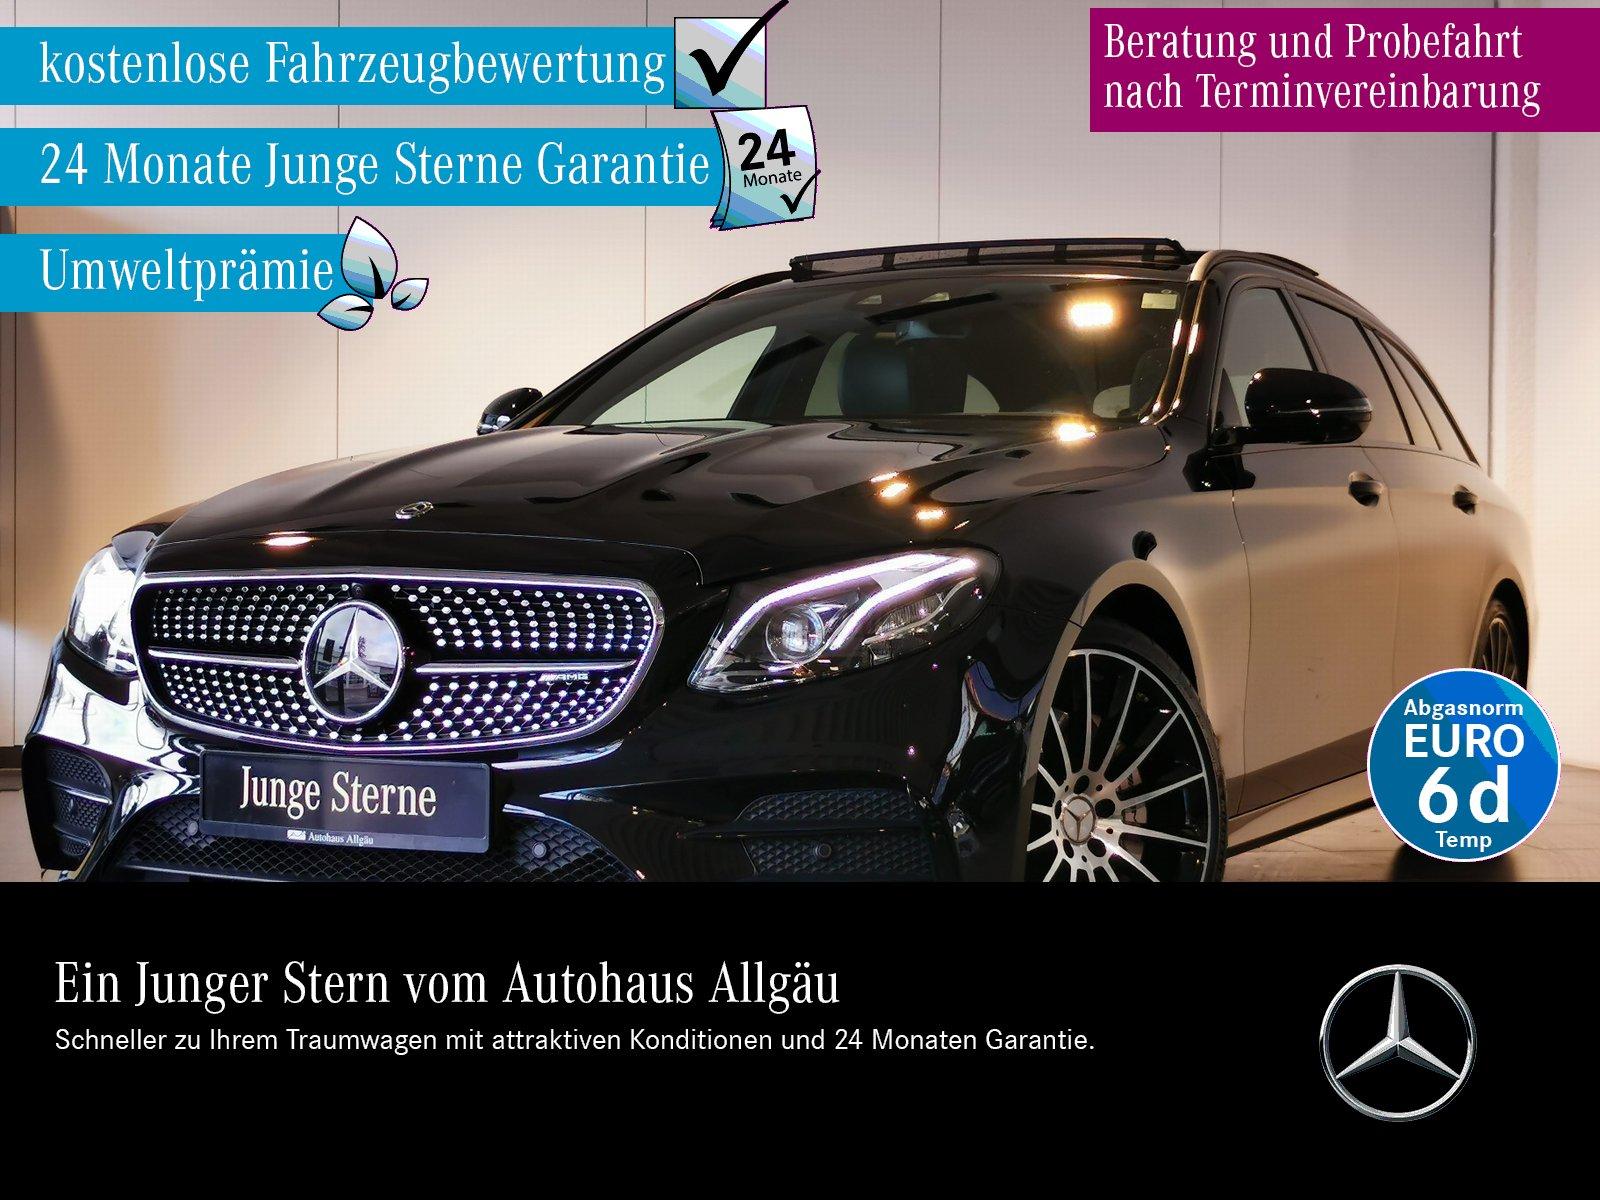 Mercedes-Benz E 53 AMG T 4M+ ILS+COMAND+DISTRONIC+STANDHZG+360, Jahr 2018, Benzin